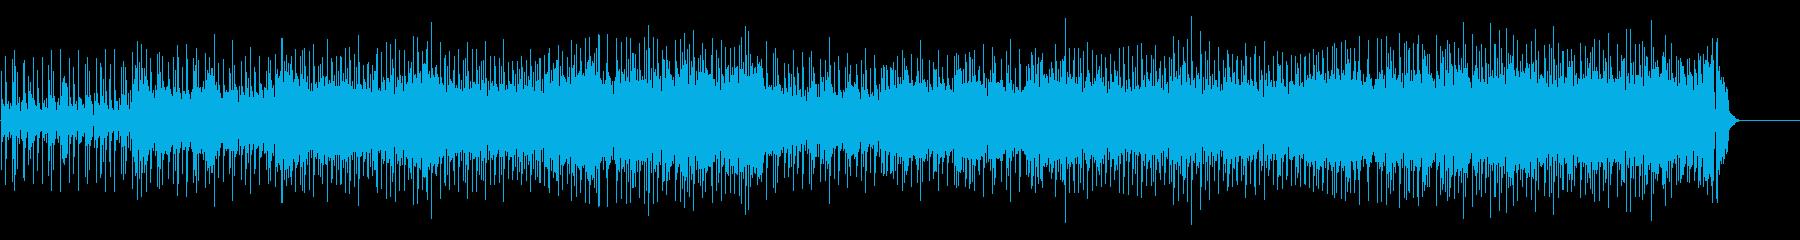 壮快で刺激的なロック・アンサンブルの再生済みの波形